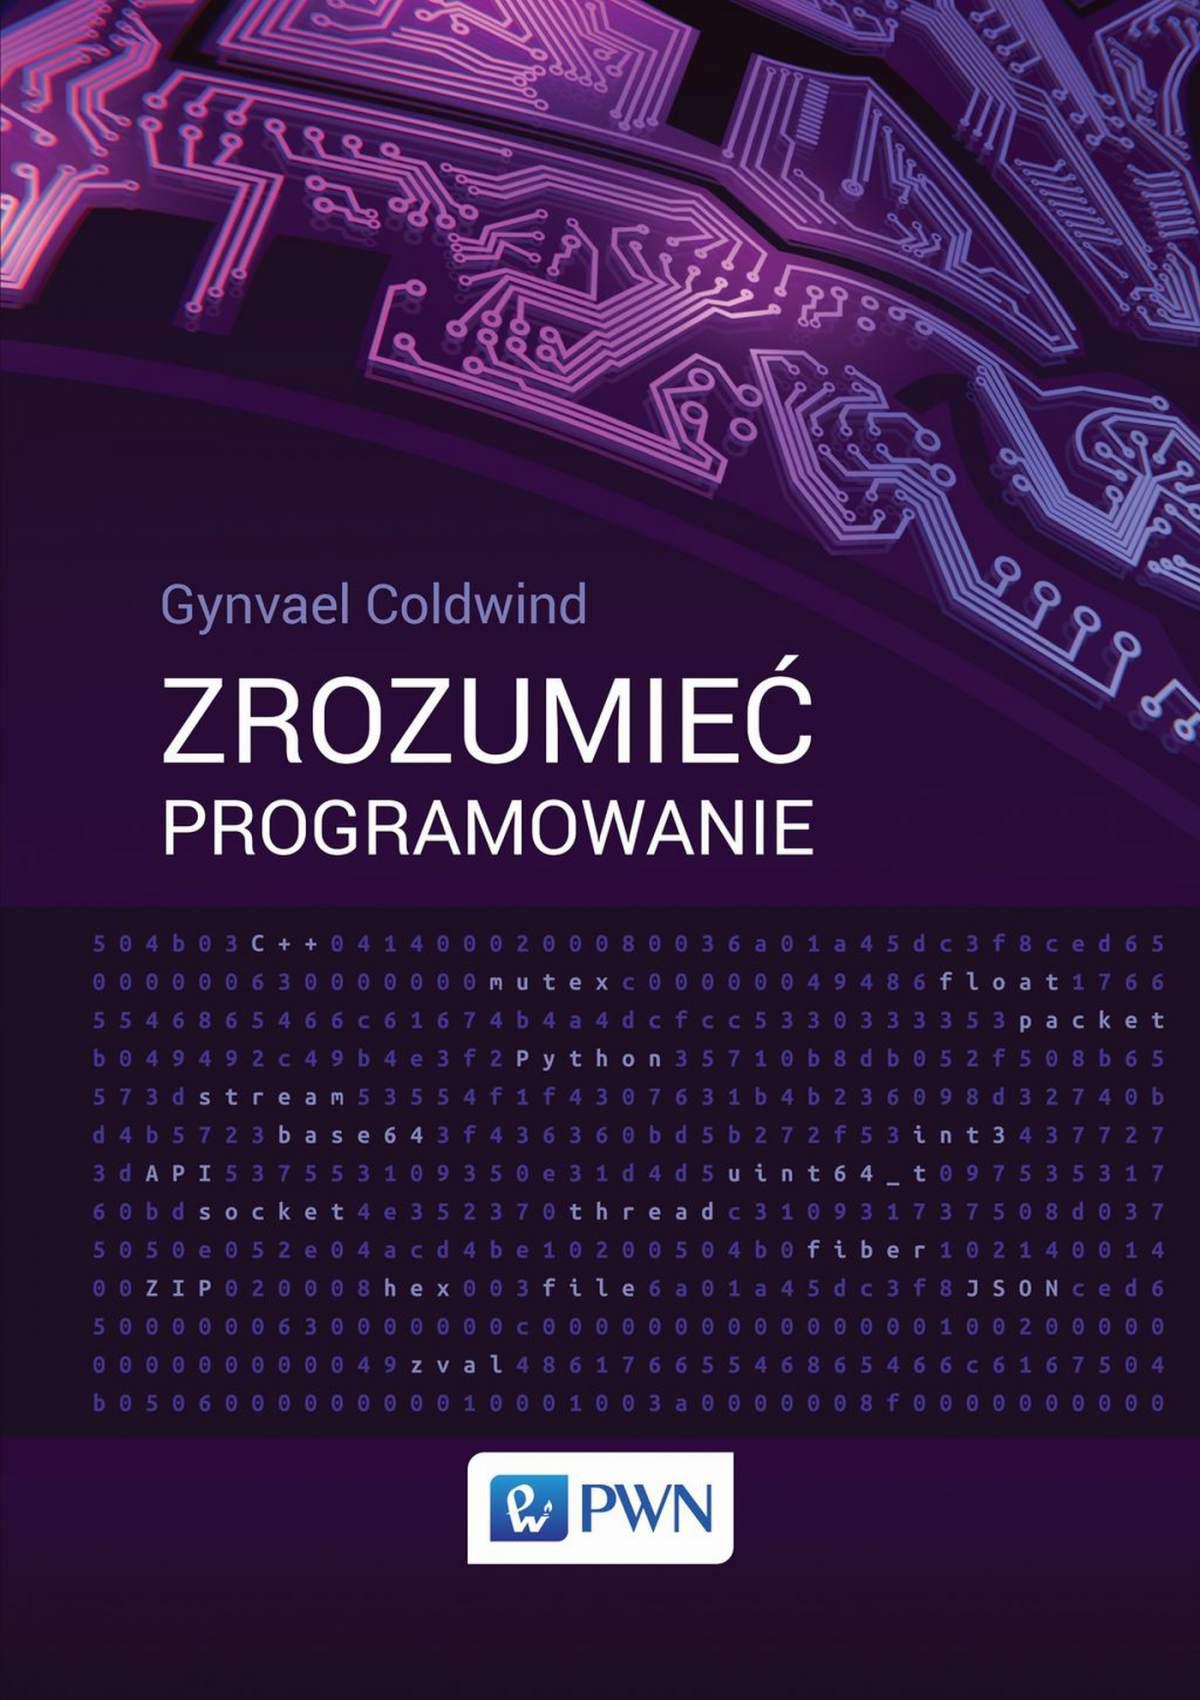 Zrozumieć programowanie - Ebook (Książka EPUB) do pobrania w formacie EPUB